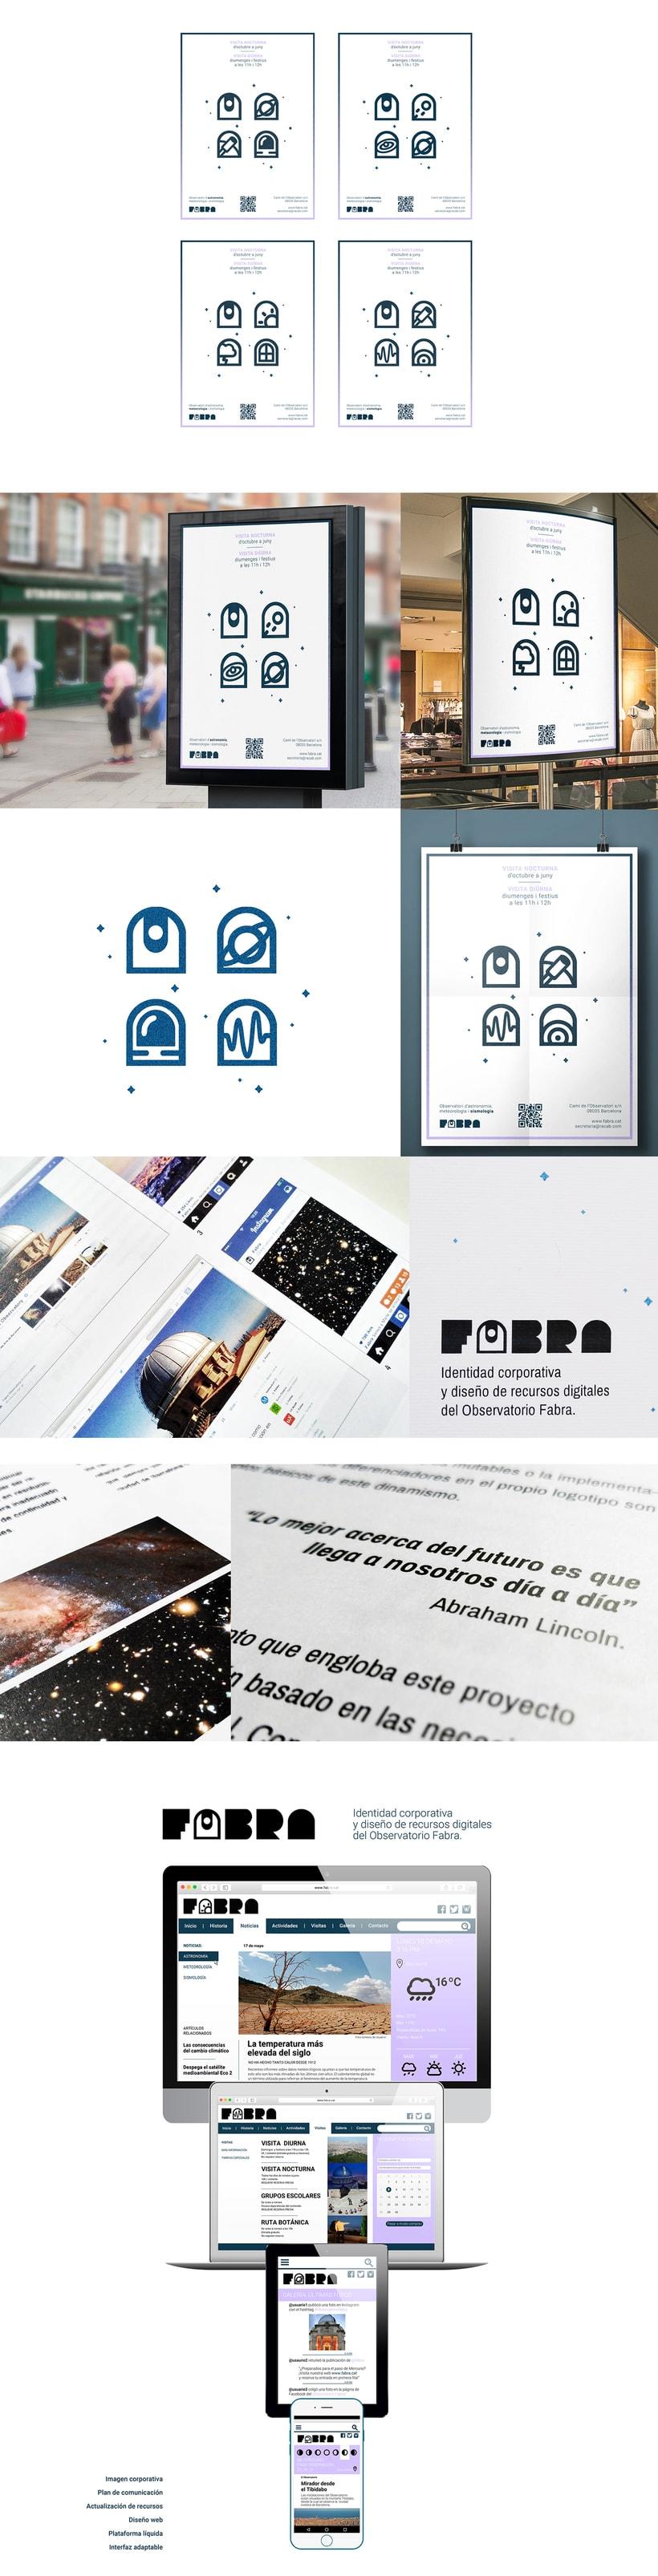 FABRA   /Identidad visual y diseño web 5